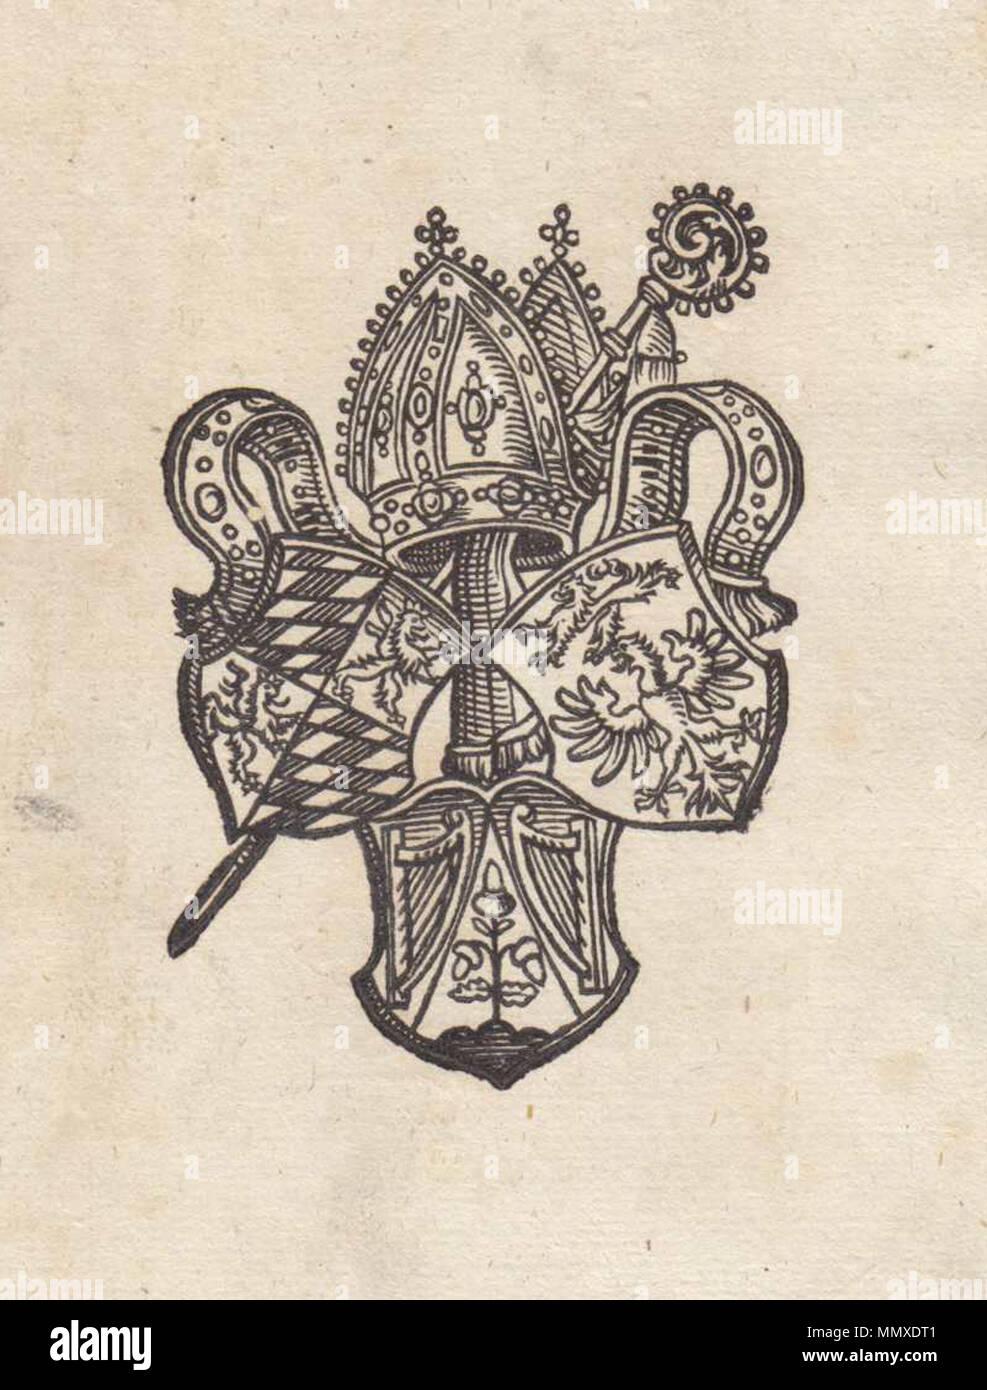 . Ex libris, Benediktinerabtei Andechs (Warnecke 1890, S. 24, Nr. 42)  . by 1800. Unknown Ex-libris Andechs 02 - Stock Image